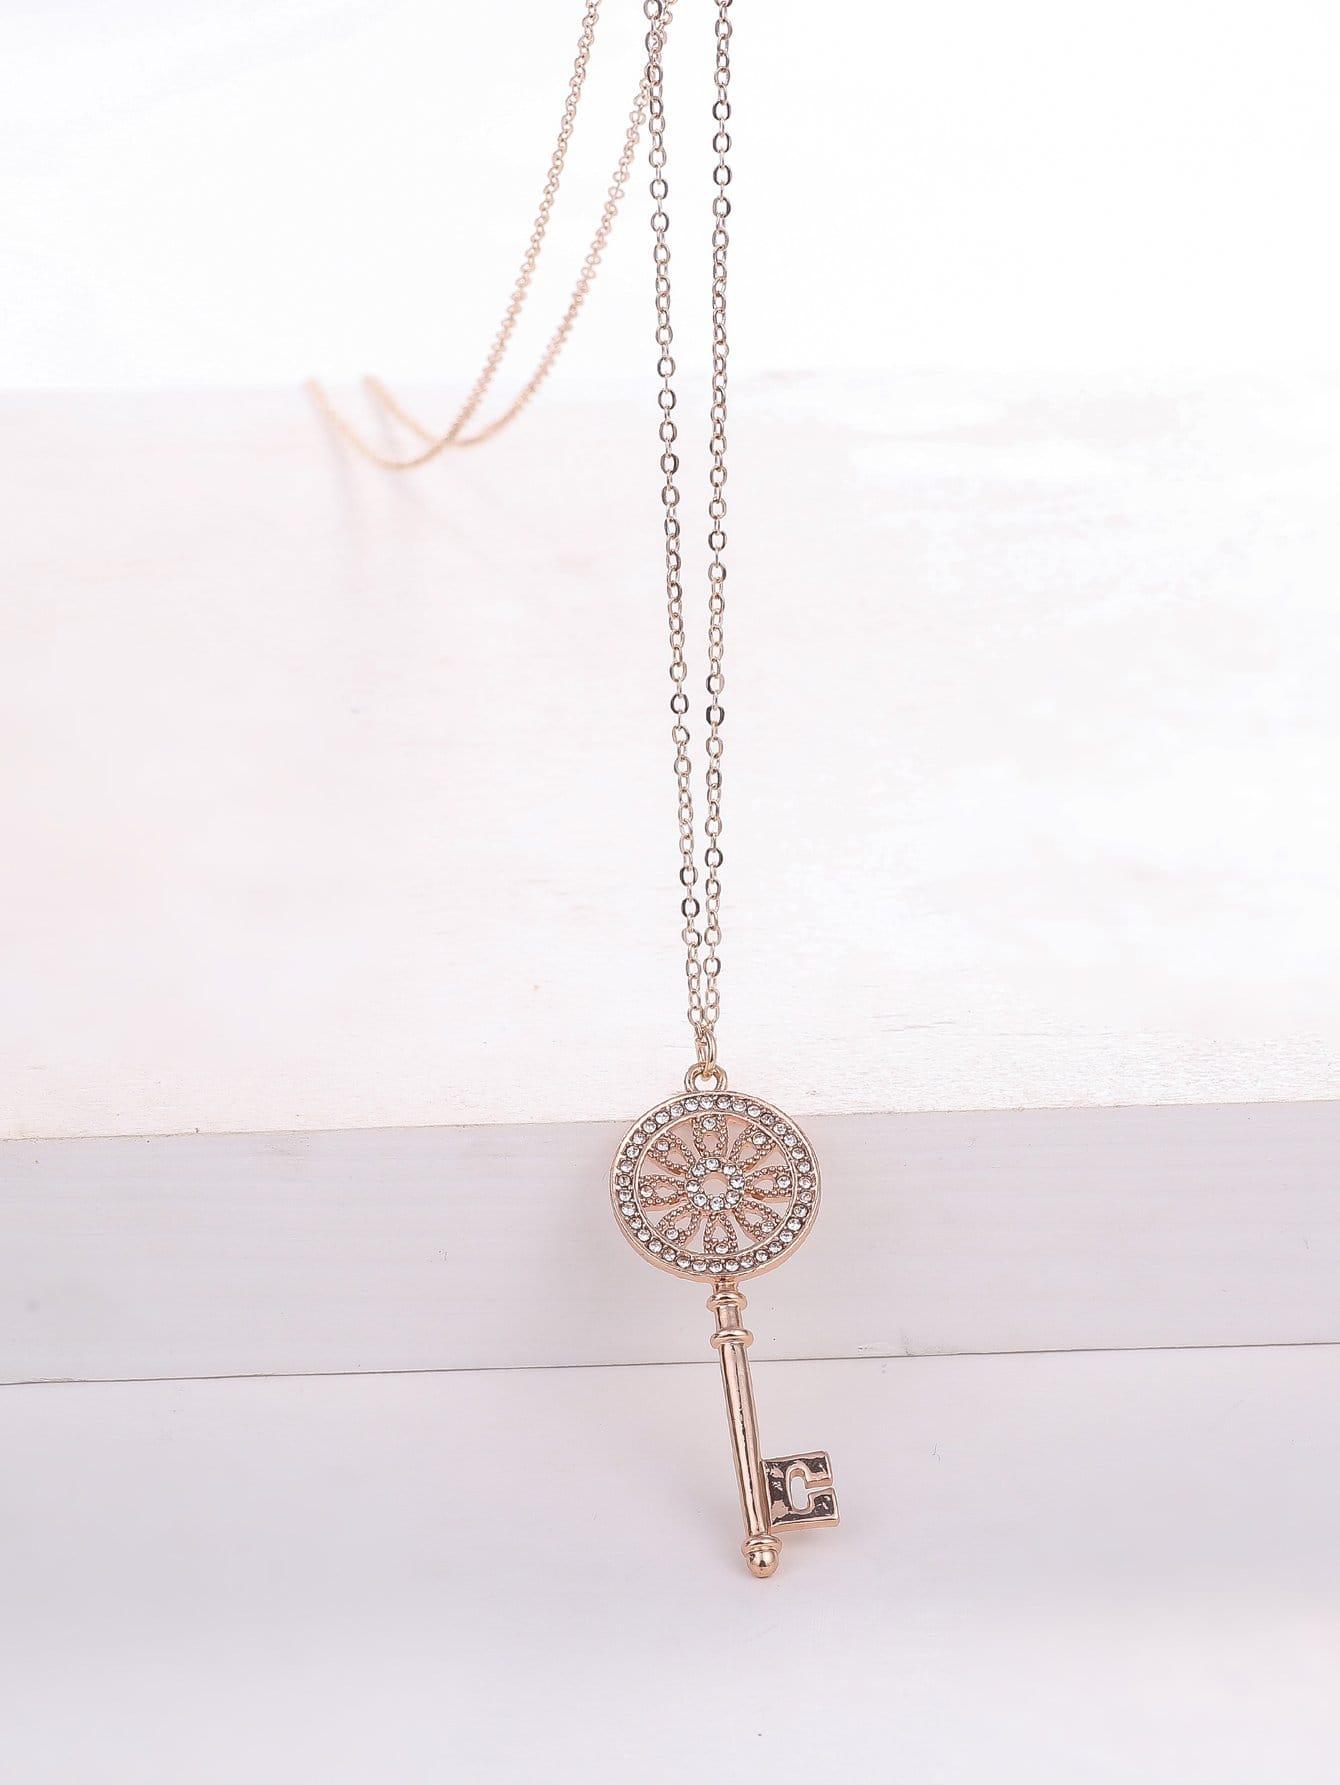 Strass Schlüsselanhänger Gold überzogene Halskette